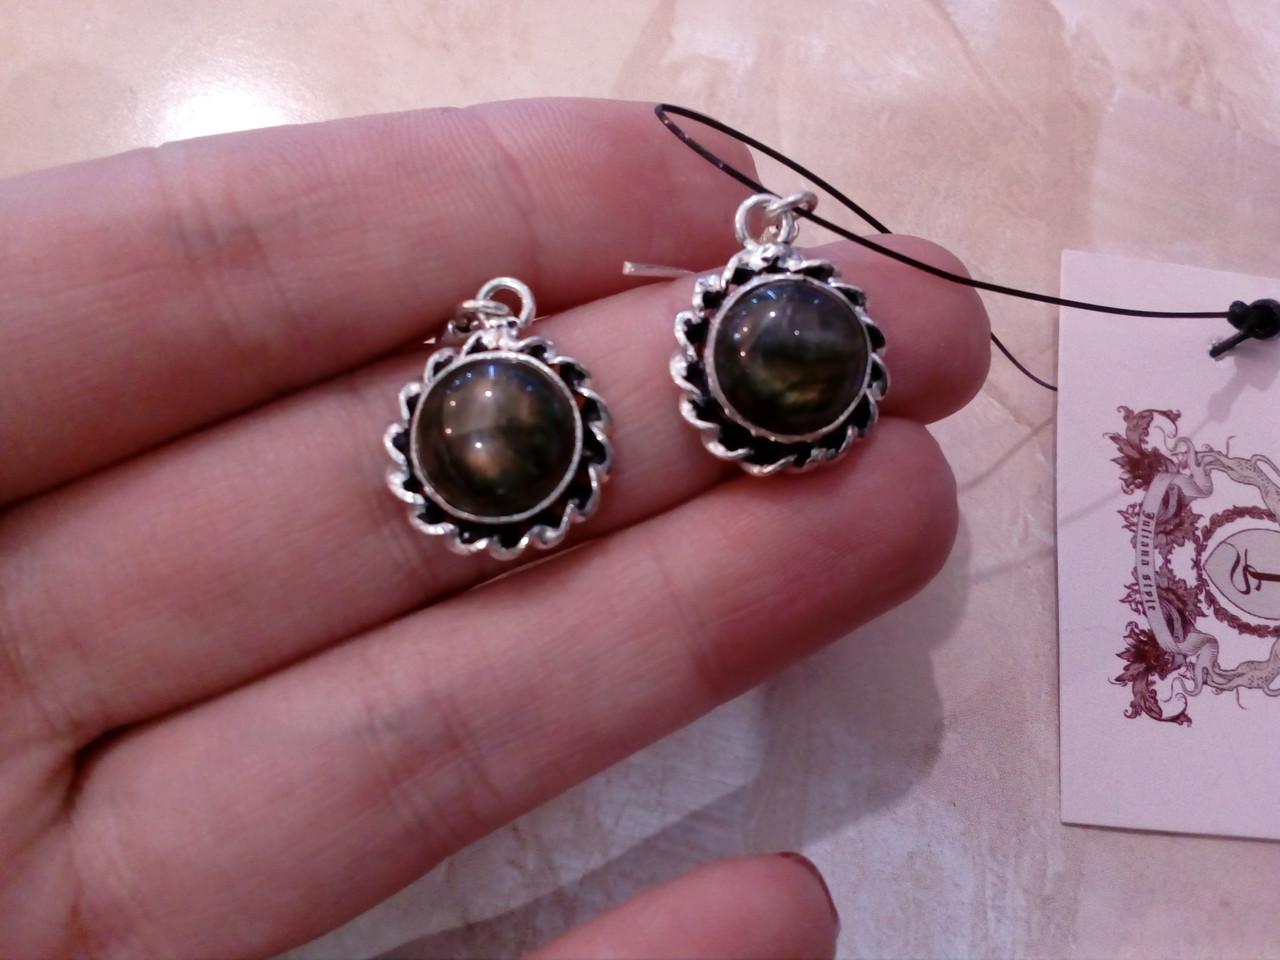 Серьги - натуральный лабрадор. Серьги с натуральным камнем лабрадор в серебре.